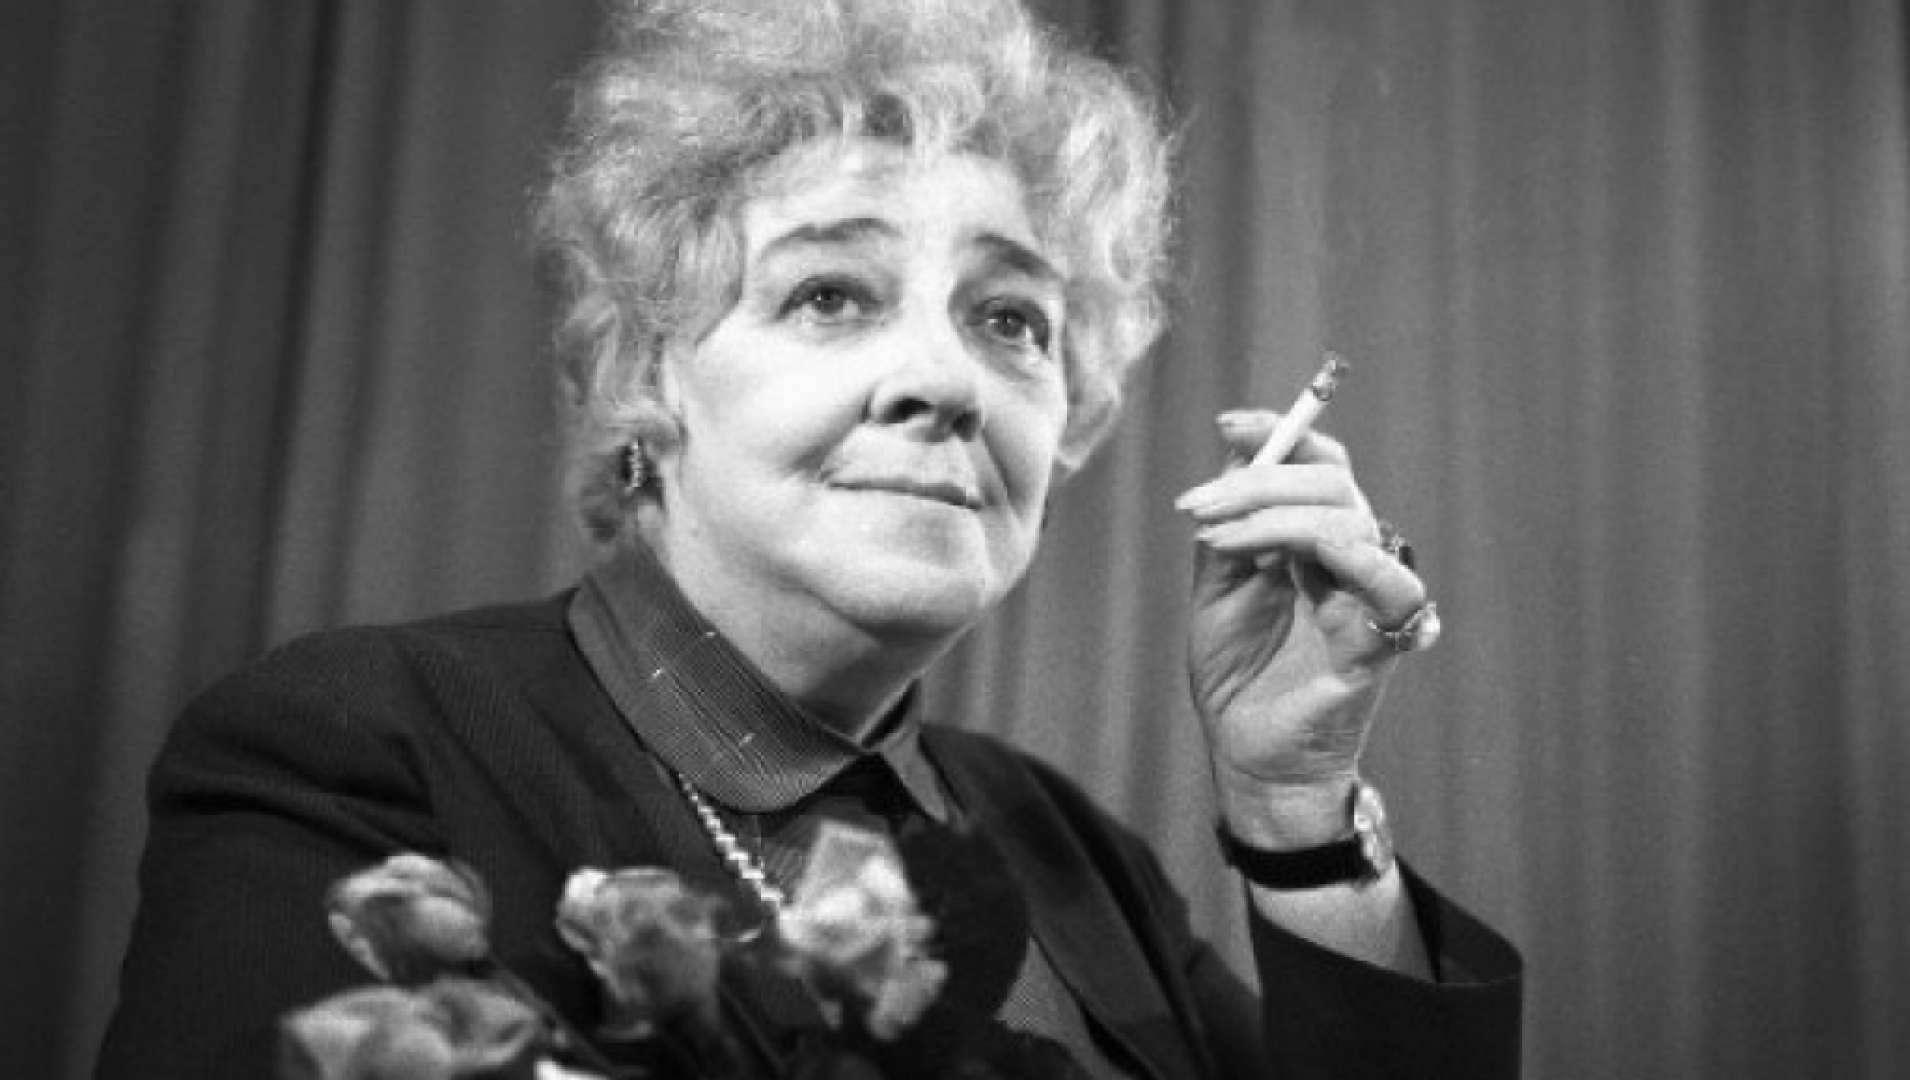 Фаина Раневская — британцы включили в число лучших актрис XX века (биография)